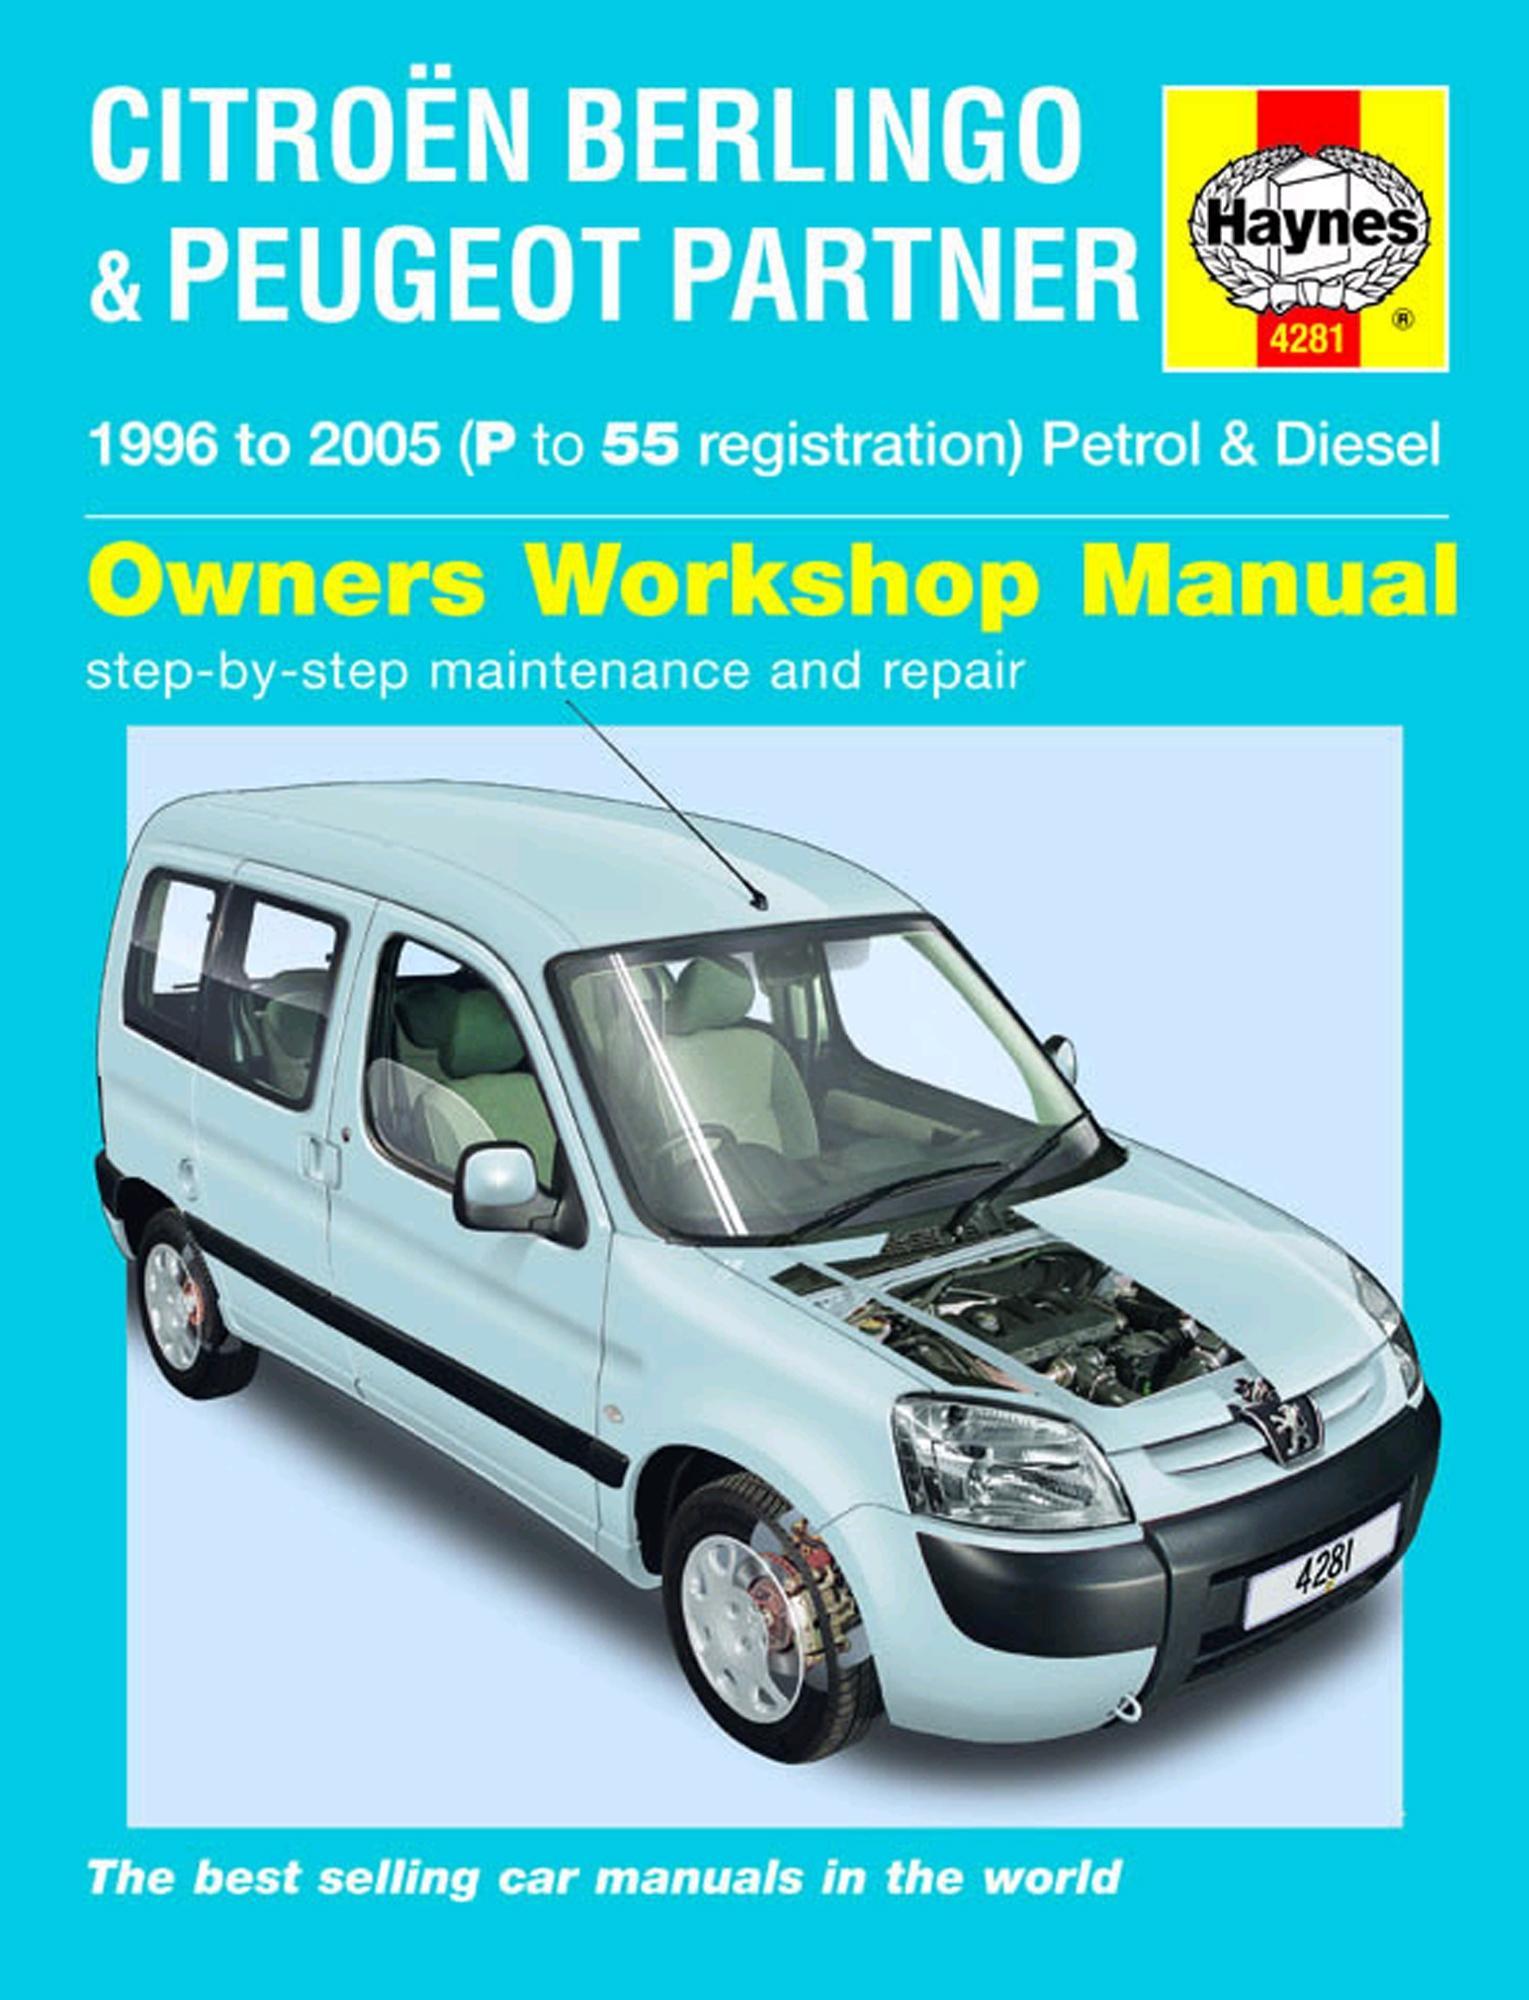 Haynes Owners Workshop Manual Citroen Berlingo Peugeot Partner 1996-2005  Repair